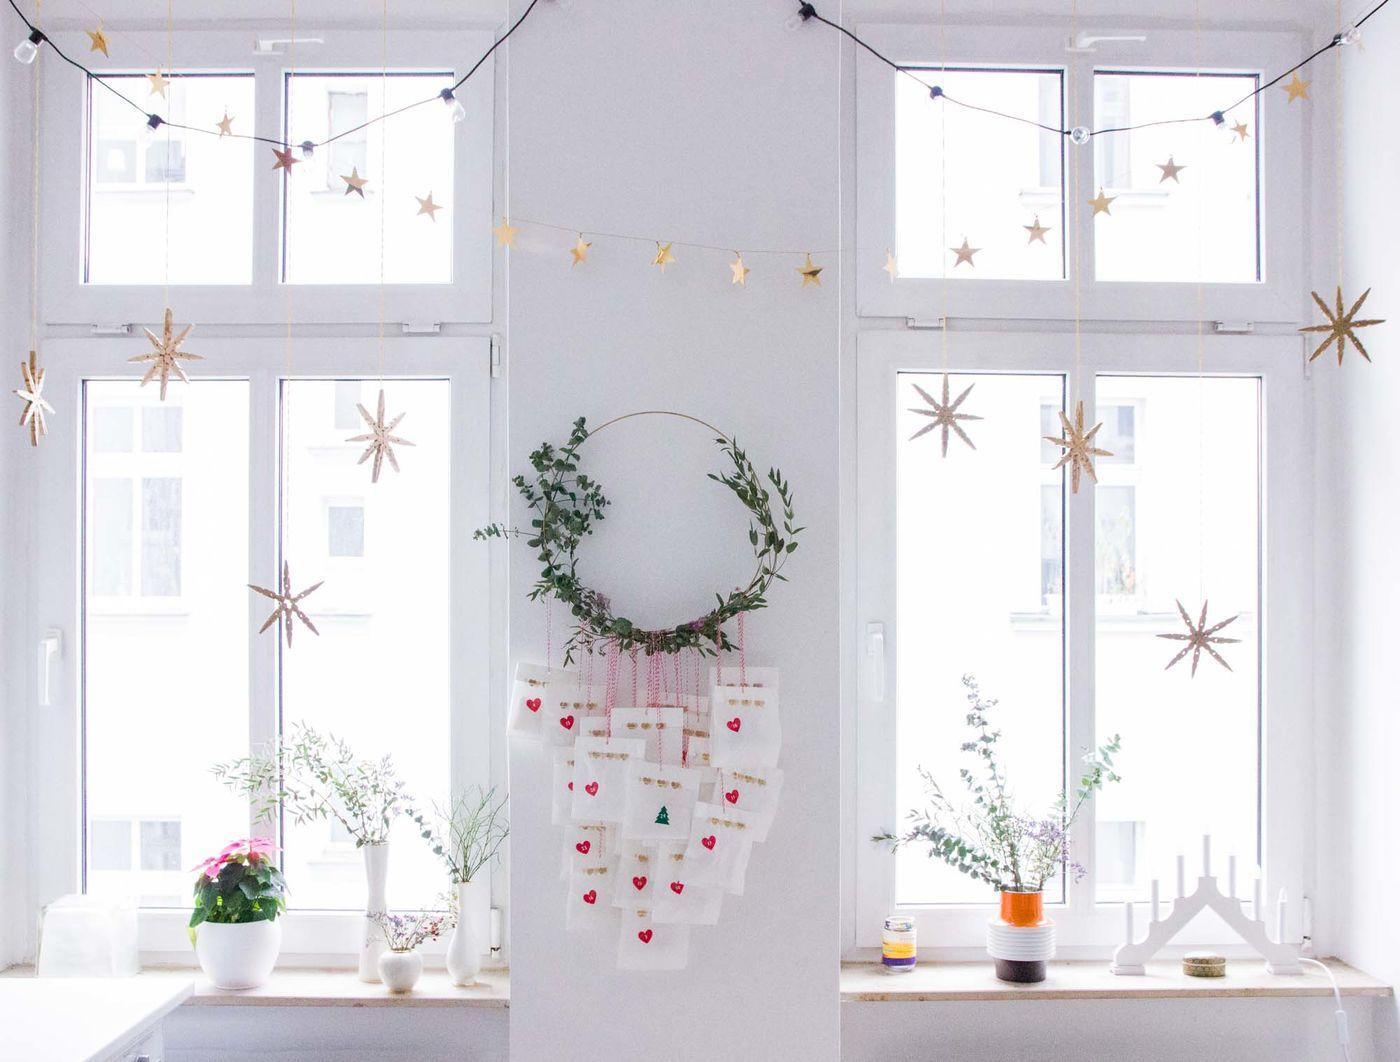 Full Size of Gardinen Doppelfenster Fensterdeko Schne Ideen Zum Dekorieren Küche Schlafzimmer Fenster Für Die Scheibengardinen Wohnzimmer Wohnzimmer Gardinen Doppelfenster